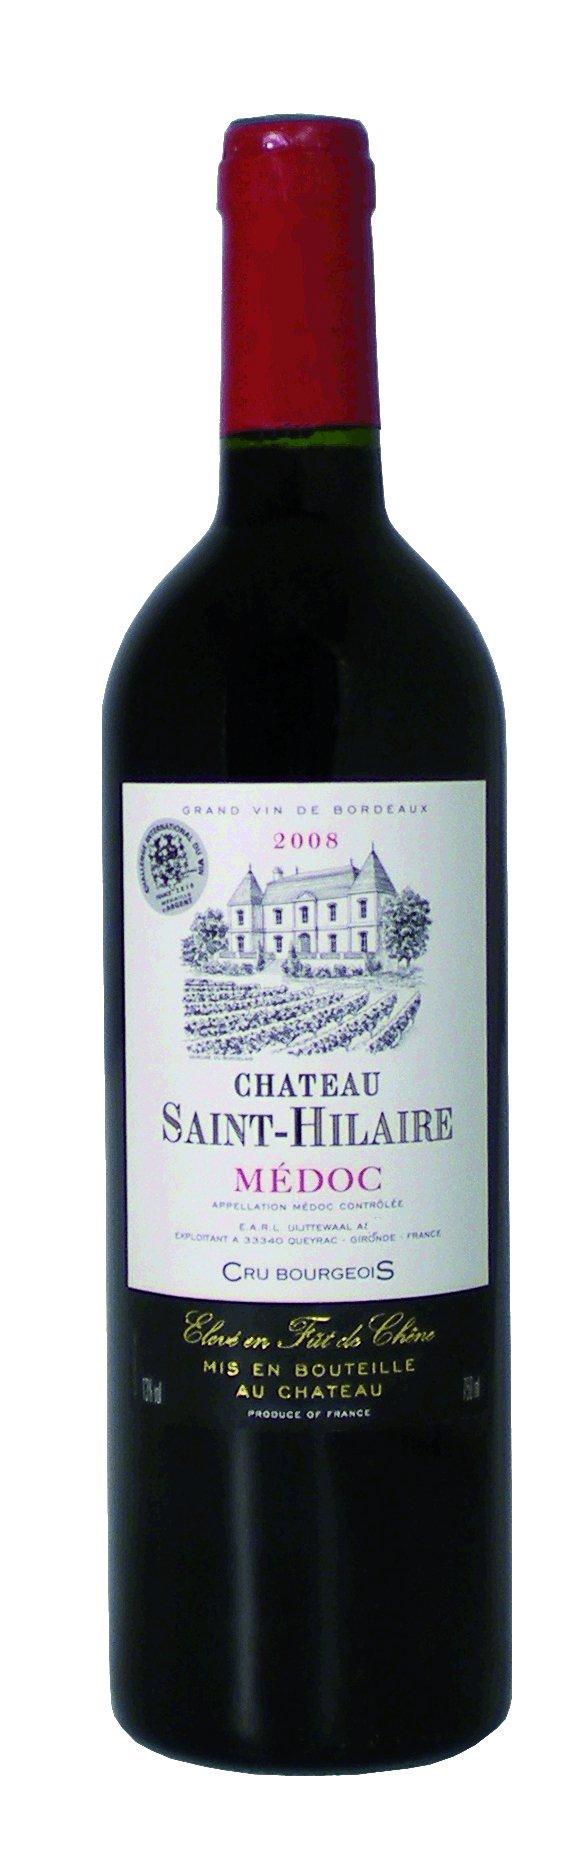 Chteau-Saint-Hilaire-Cru-Bourgeois-Mdoc-AOC-Cabernet-Sauvignon-2008-Trocken-1-x-075-l